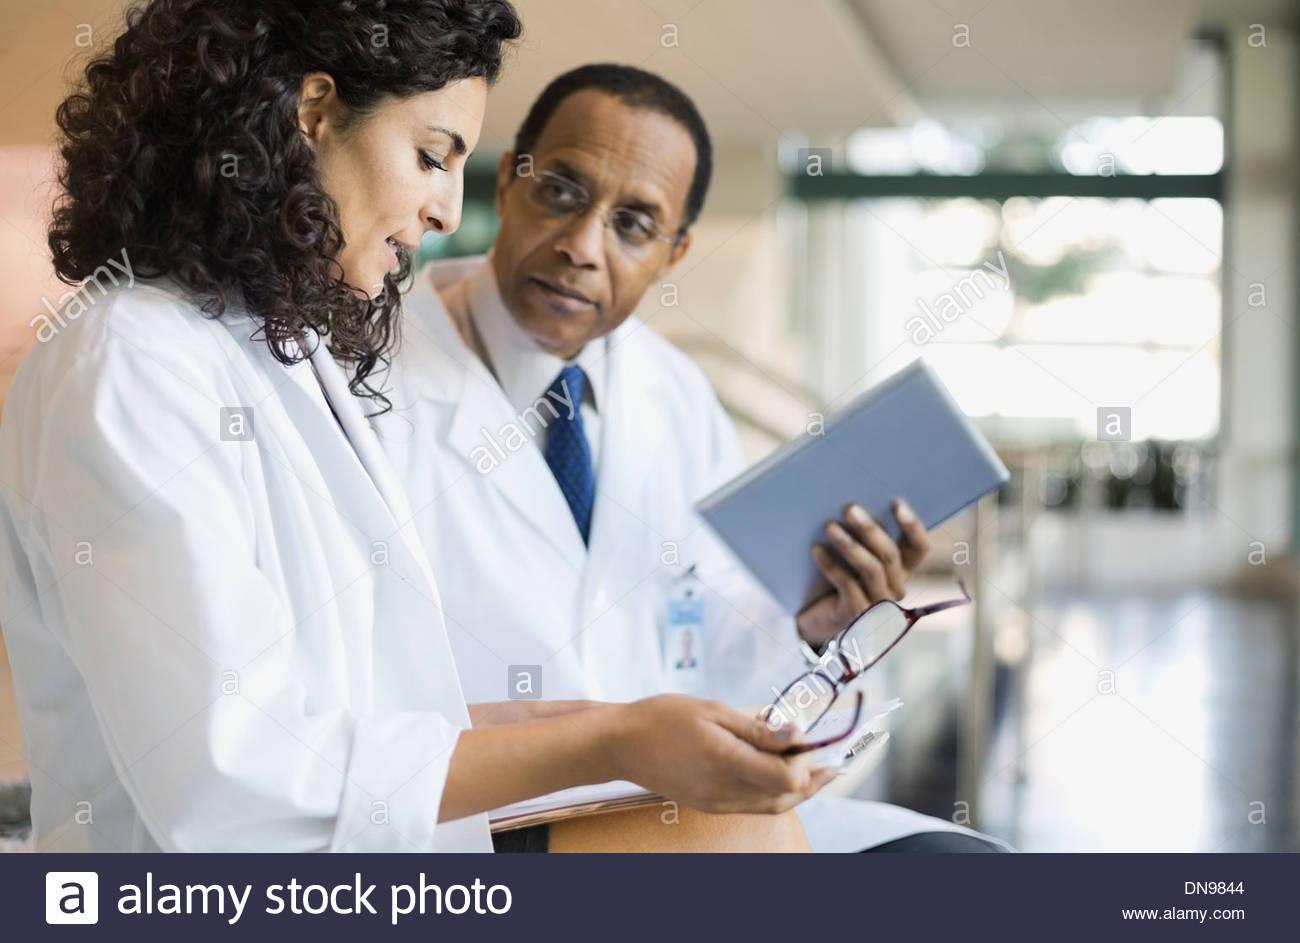 Doctors discussing résultats médicaux Photo Stock